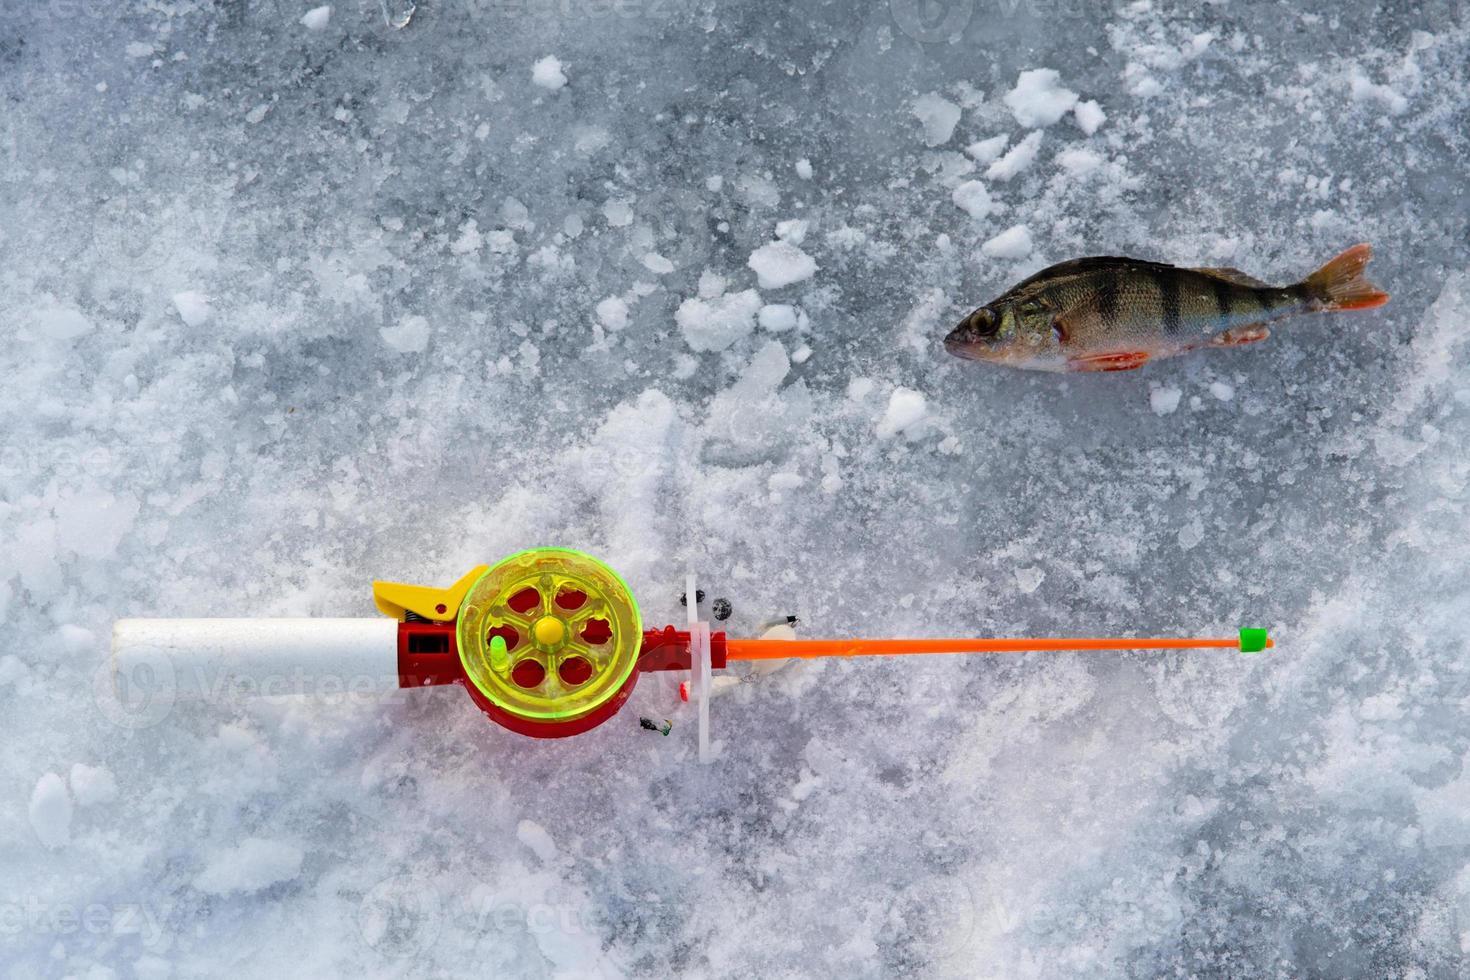 Die Rute zum Winterfischen liegt in der Nähe eines Lochs foto